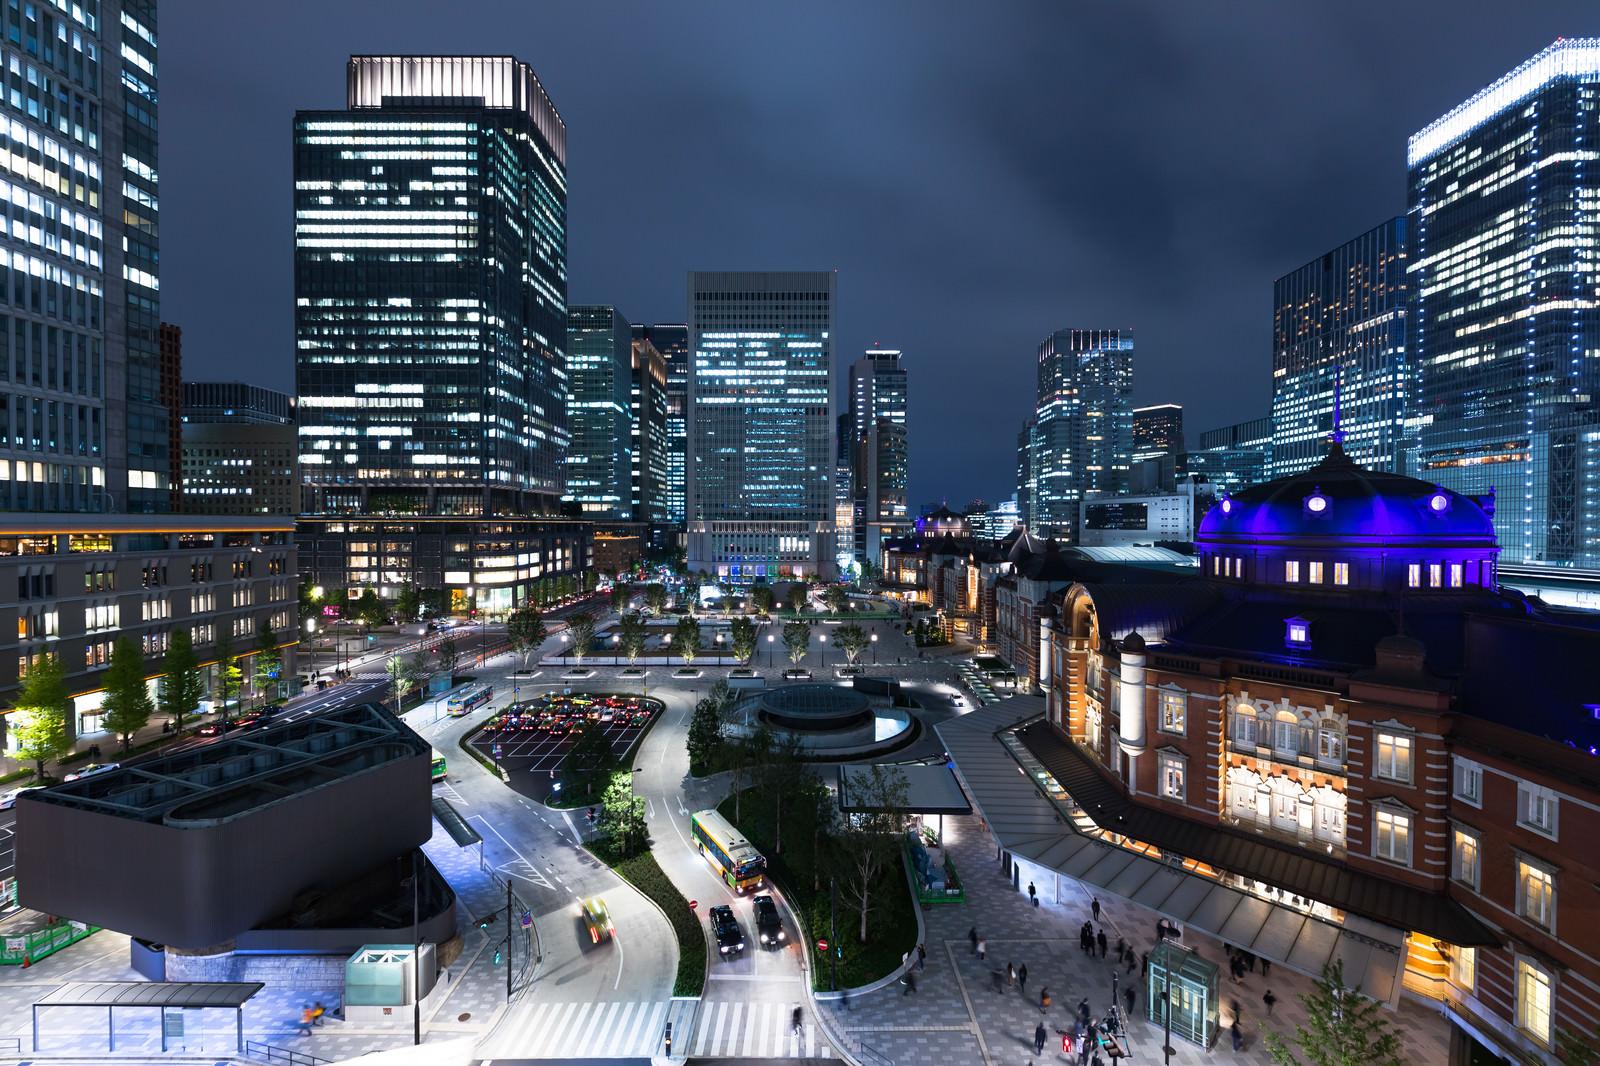 「東京駅前の夜景東京駅前の夜景」のフリー写真素材を拡大